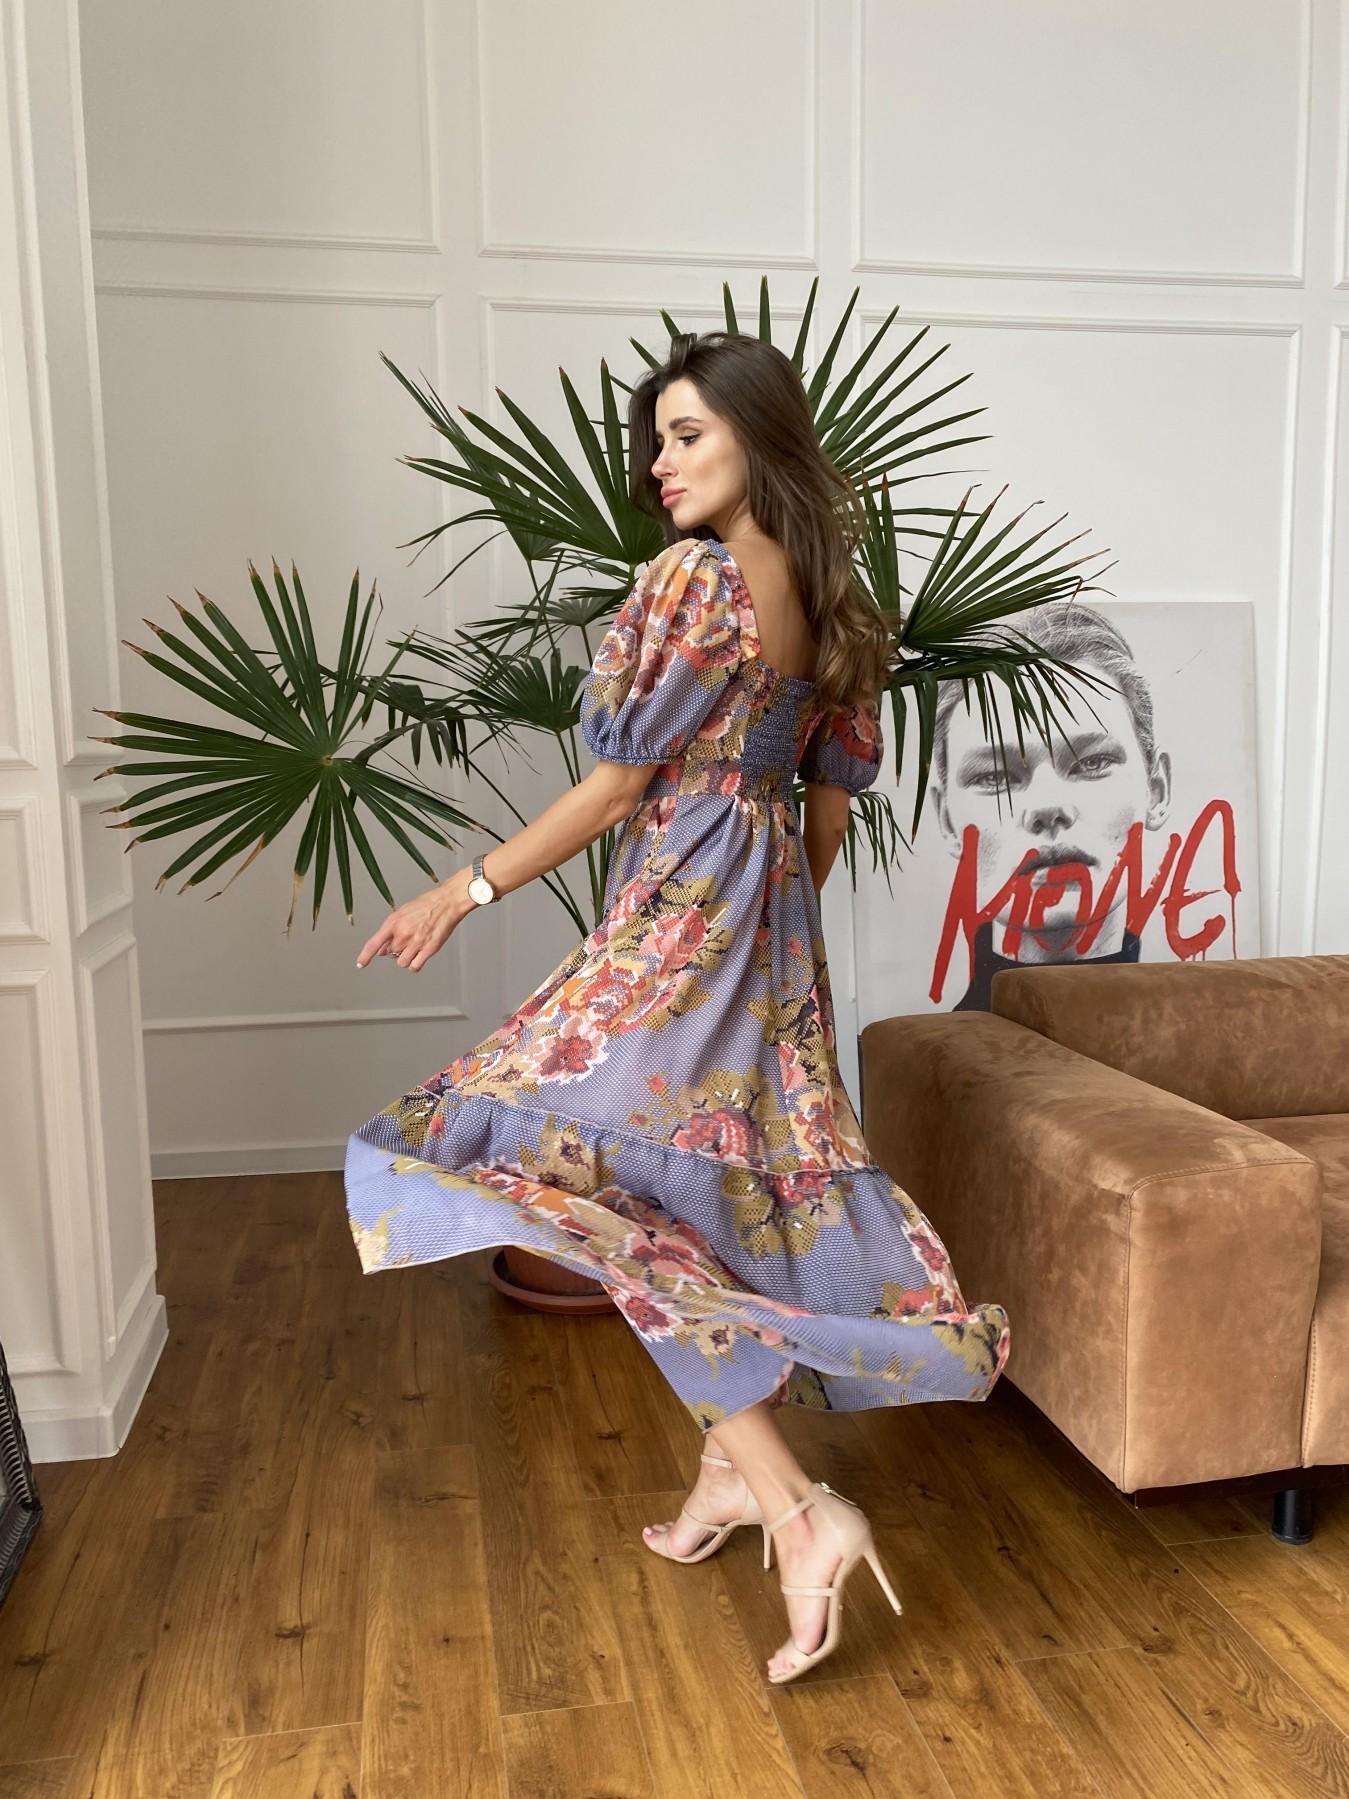 Лоретта платье из шифона в принт 11468 АРТ. 48251 Цвет: Т.син/беж вышивка - фото 4, интернет магазин tm-modus.ru